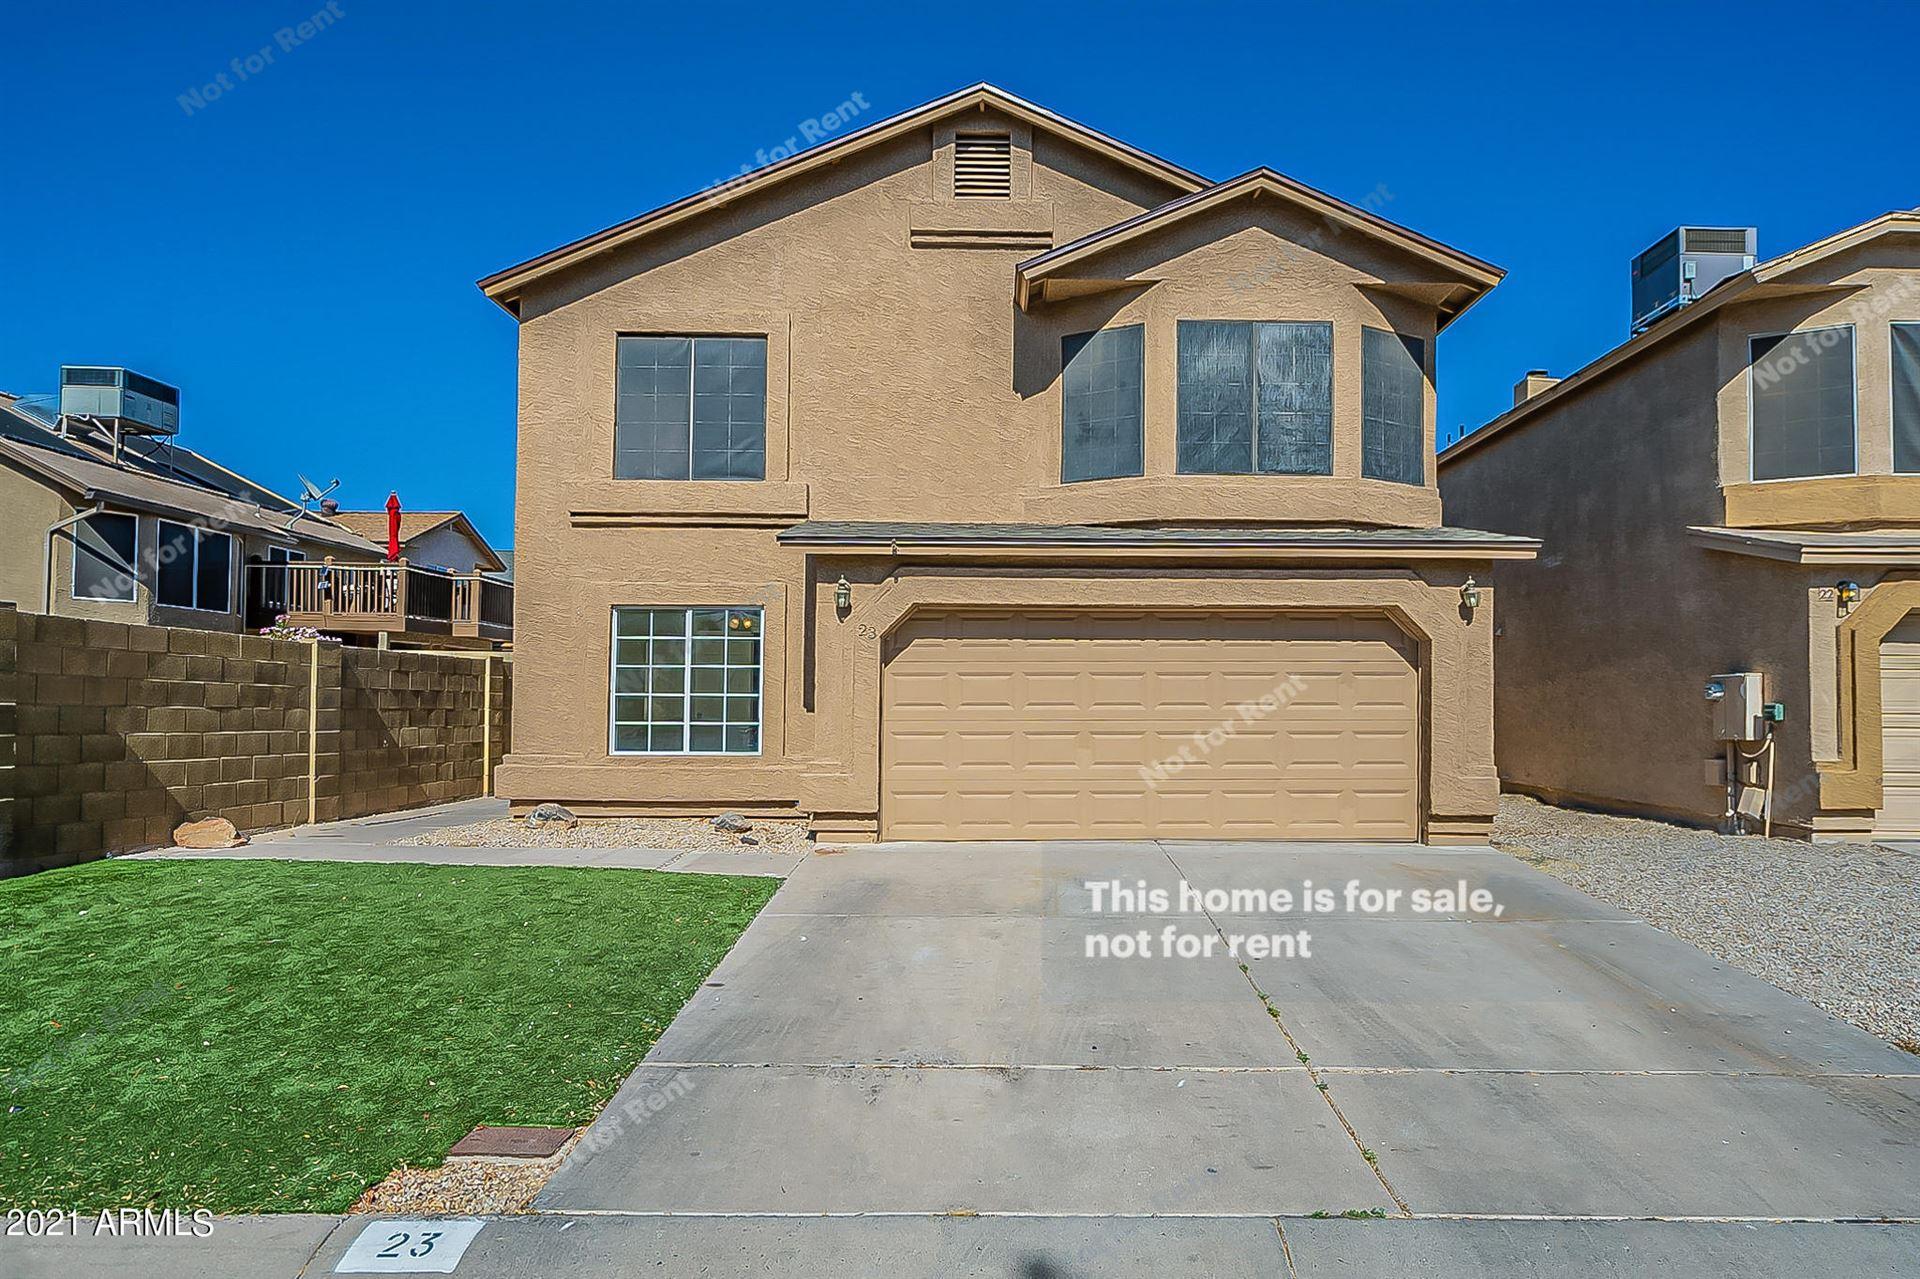 3755 E BROADWAY Road #23, Mesa, AZ 85206 - MLS#: 6242763